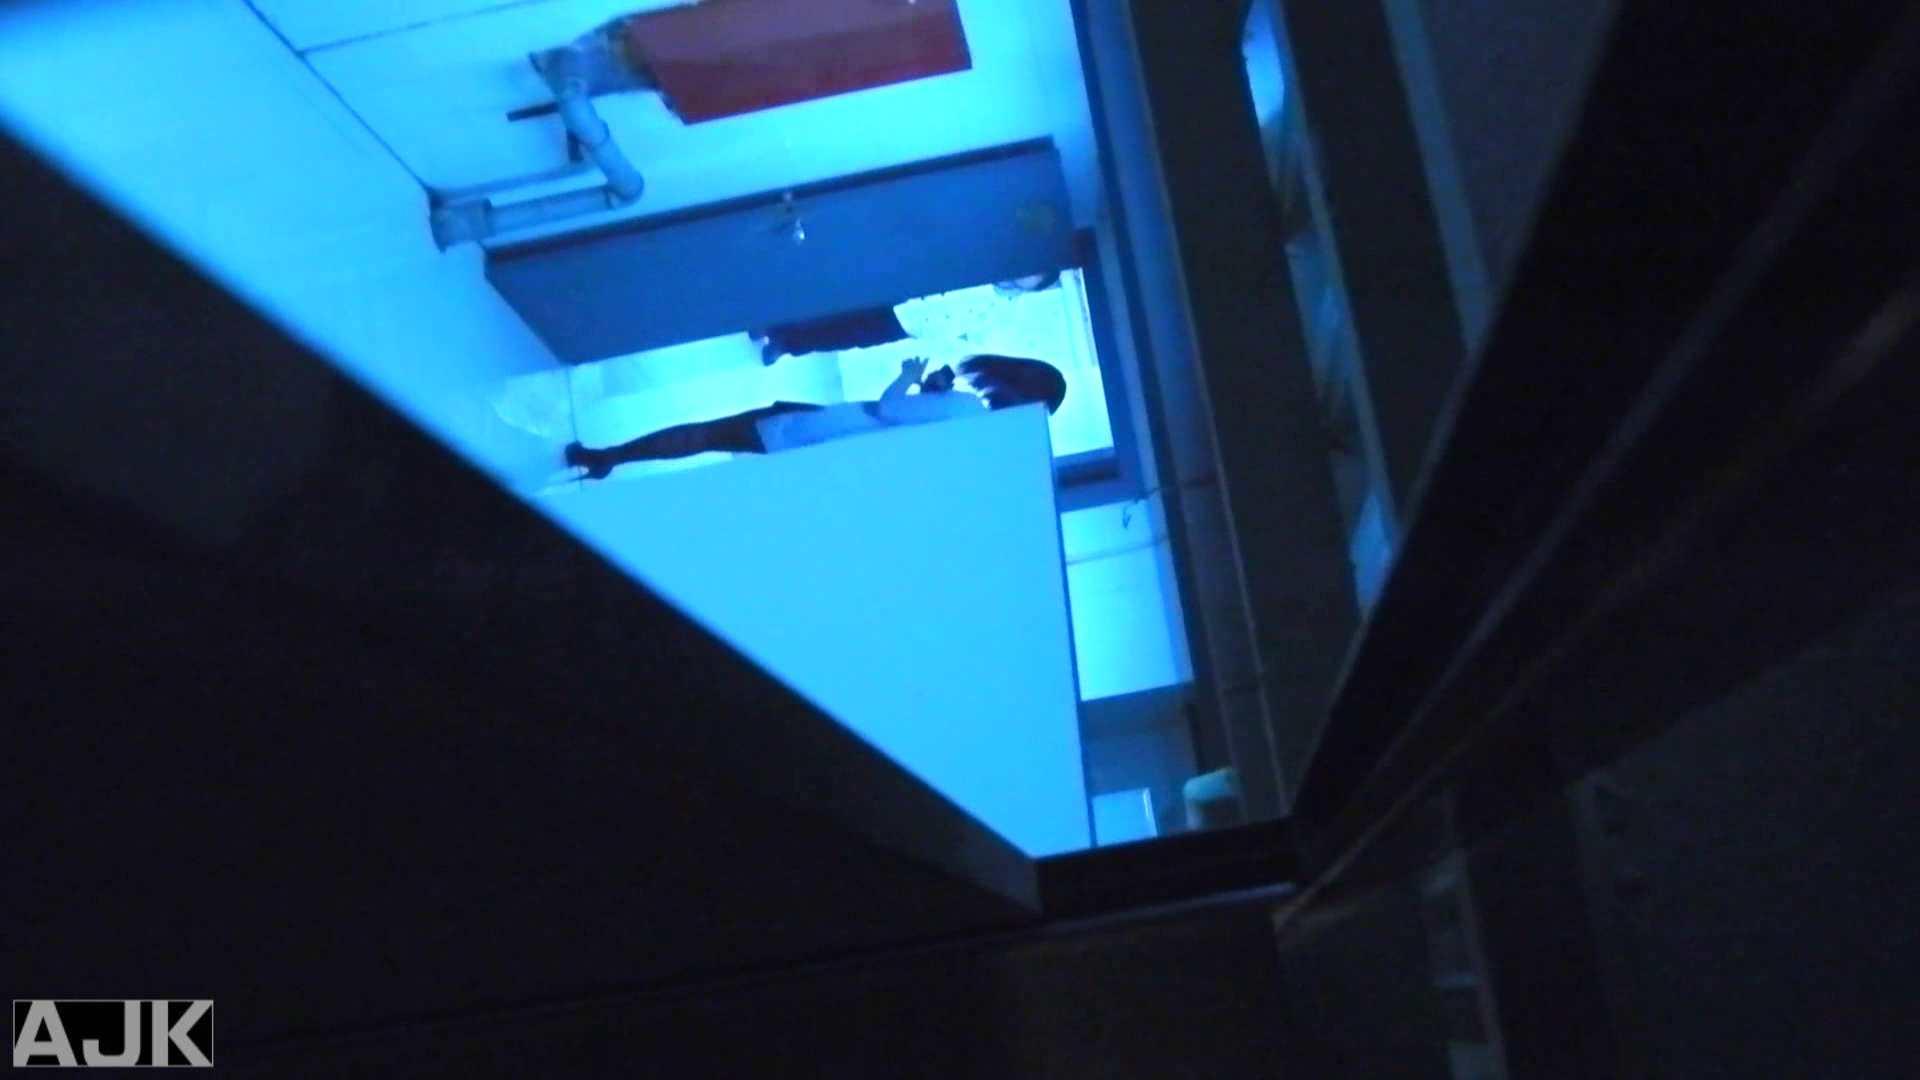 隣国上階級エリアの令嬢たちが集うデパートお手洗い Vol.24 盗撮・必見 オメコ無修正動画無料 82画像 80